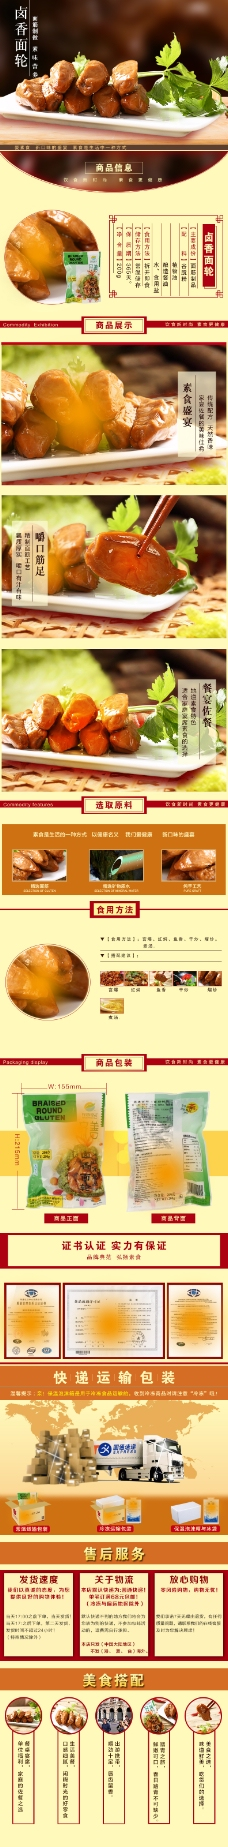 淘宝天猫素食食品详情描述页